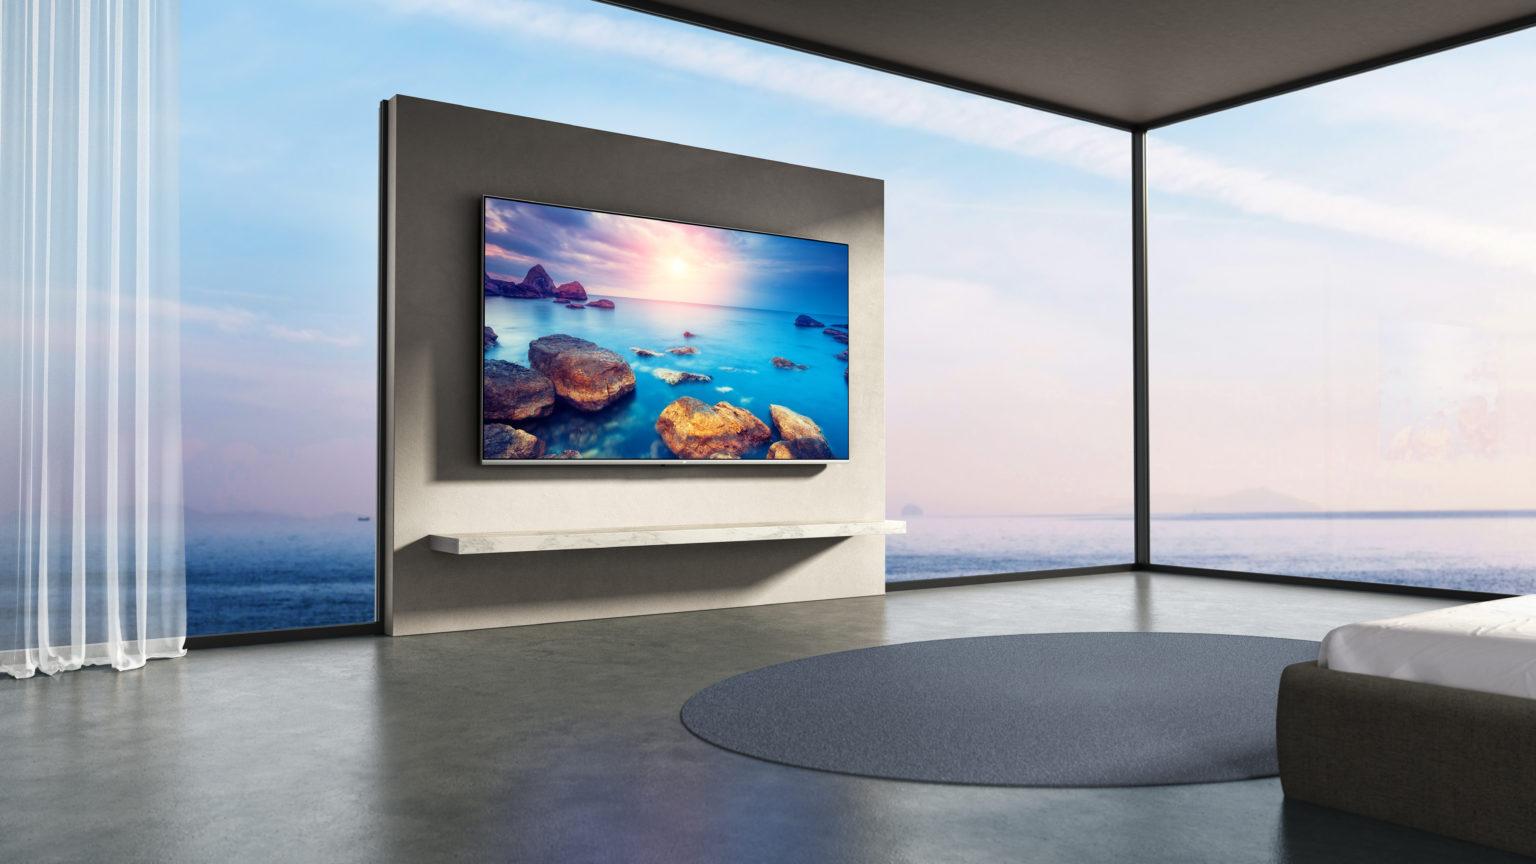 televisión Xiaomi Mi TV Q1 75 en una casa